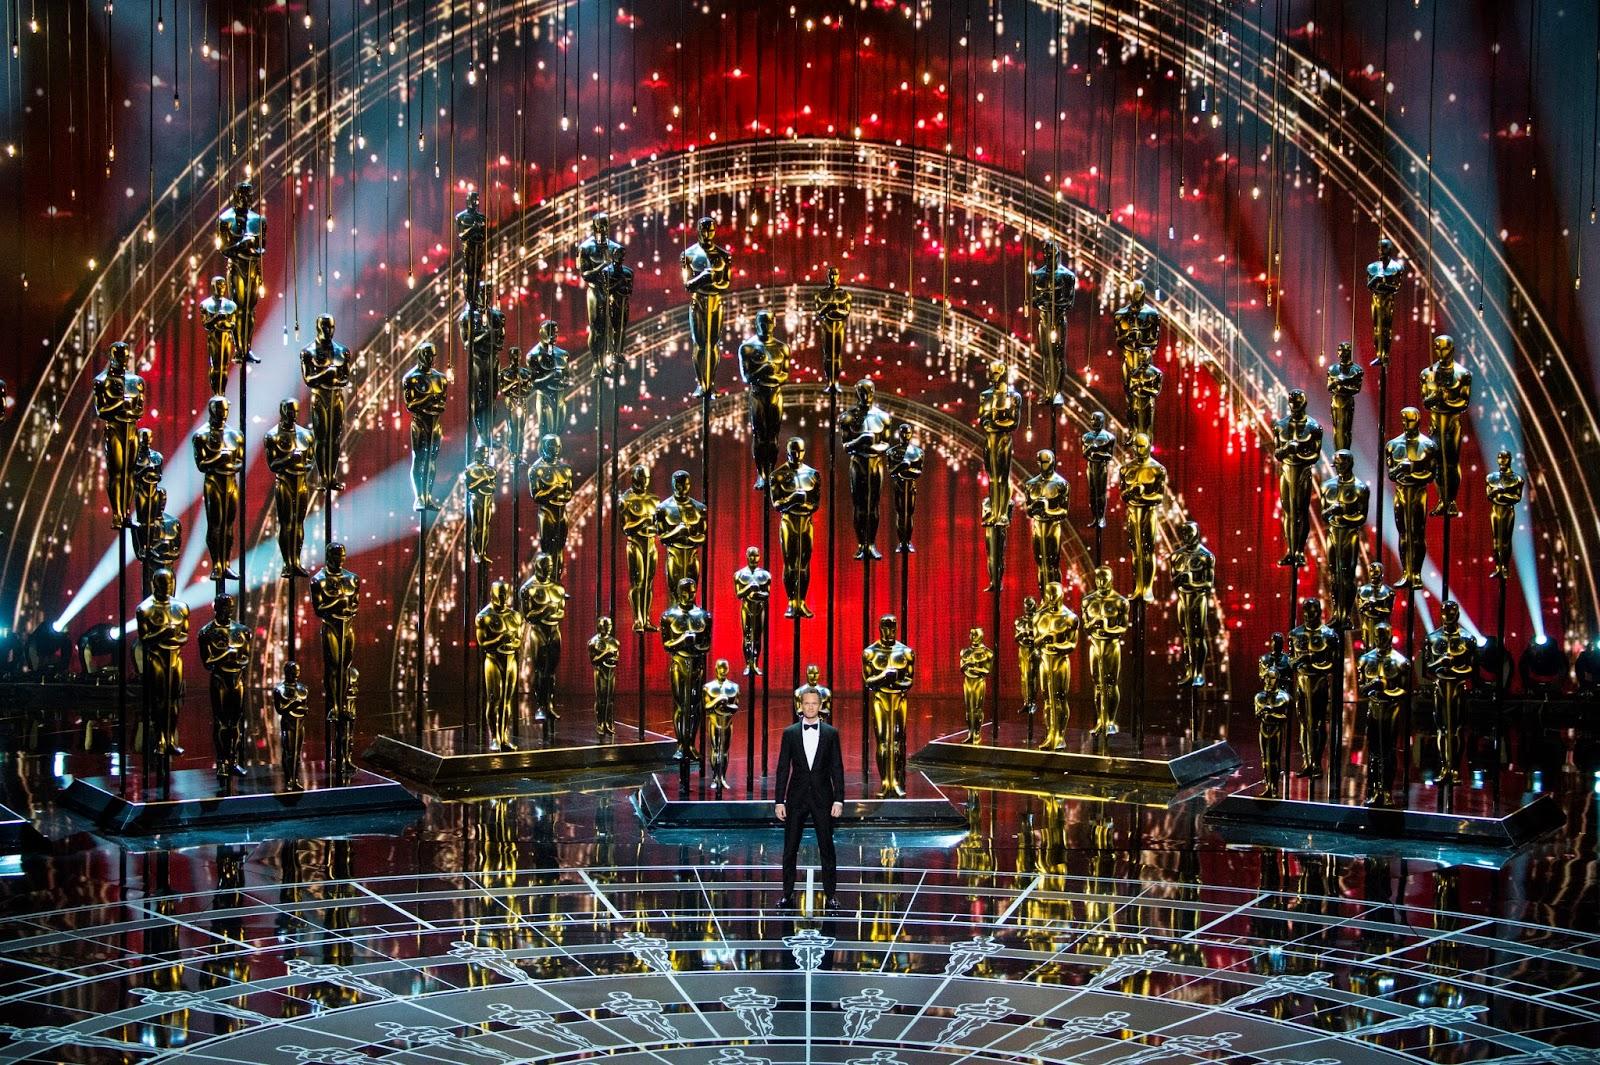 The Oscar Buzz: The Highlights of the 87th Academy Awards ...